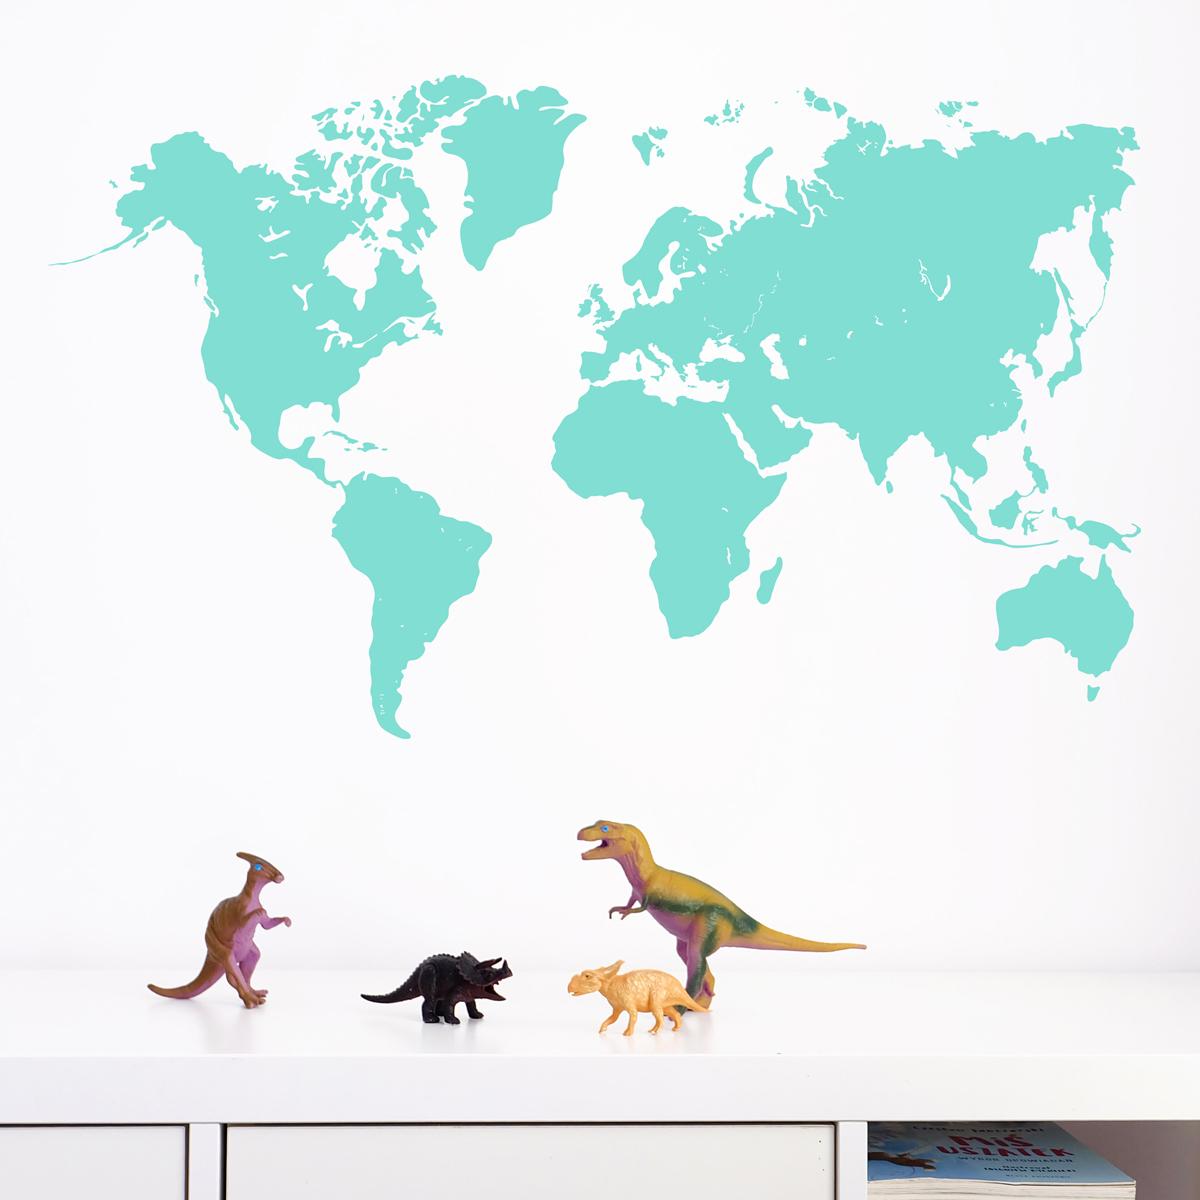 Naklejka ścienna do pokoju dziecięcego, nastolatka - mapa świata turkusowa